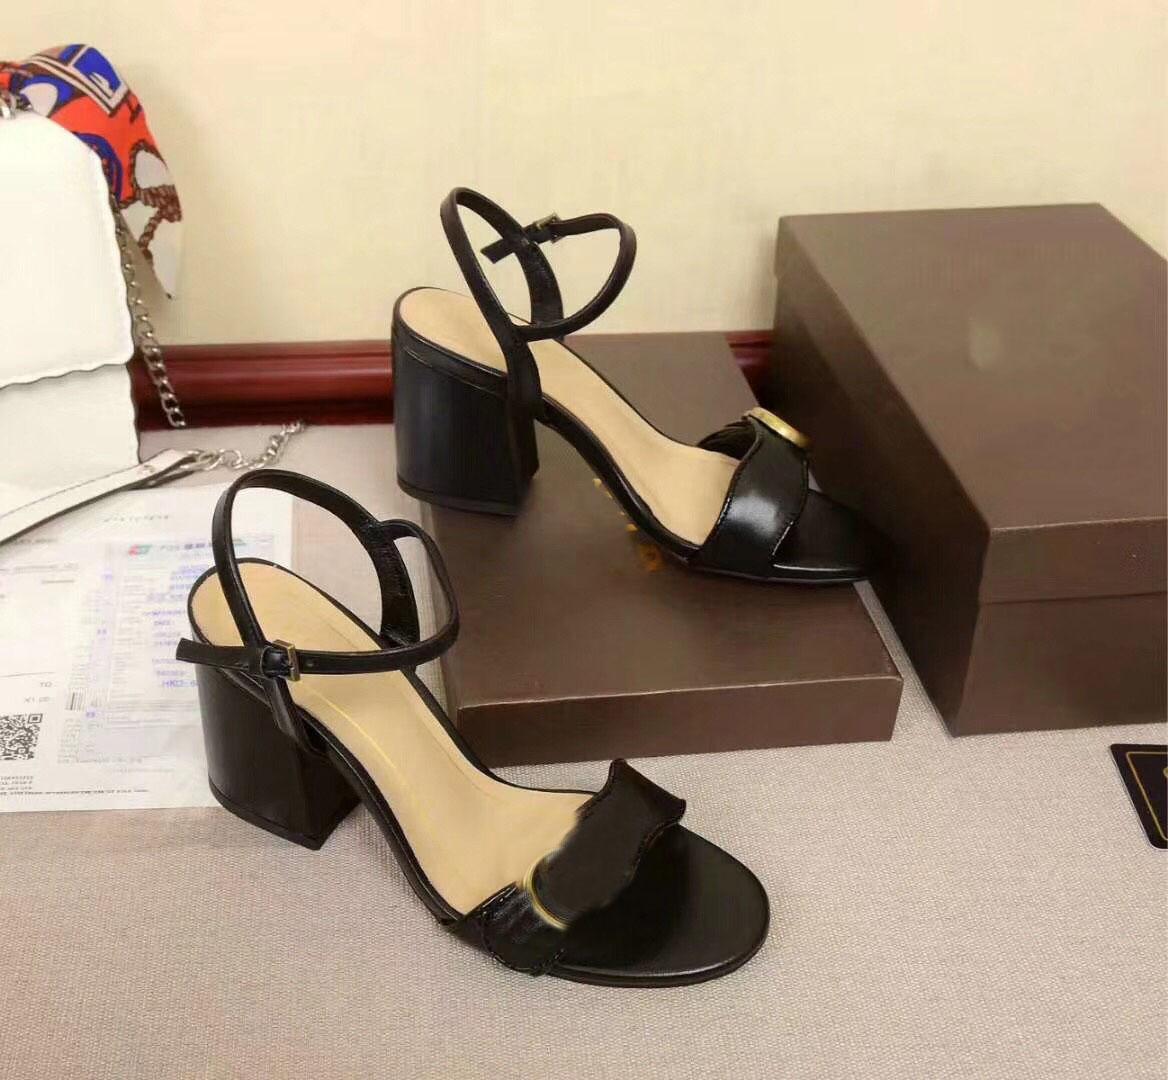 2020 горячие продажи женские моды дизайнеры каблуки сандалии девочек летние каникулы пляж 8 см пятки мягкие кожаные туфли леди рабочая обувь 42 40 # G8